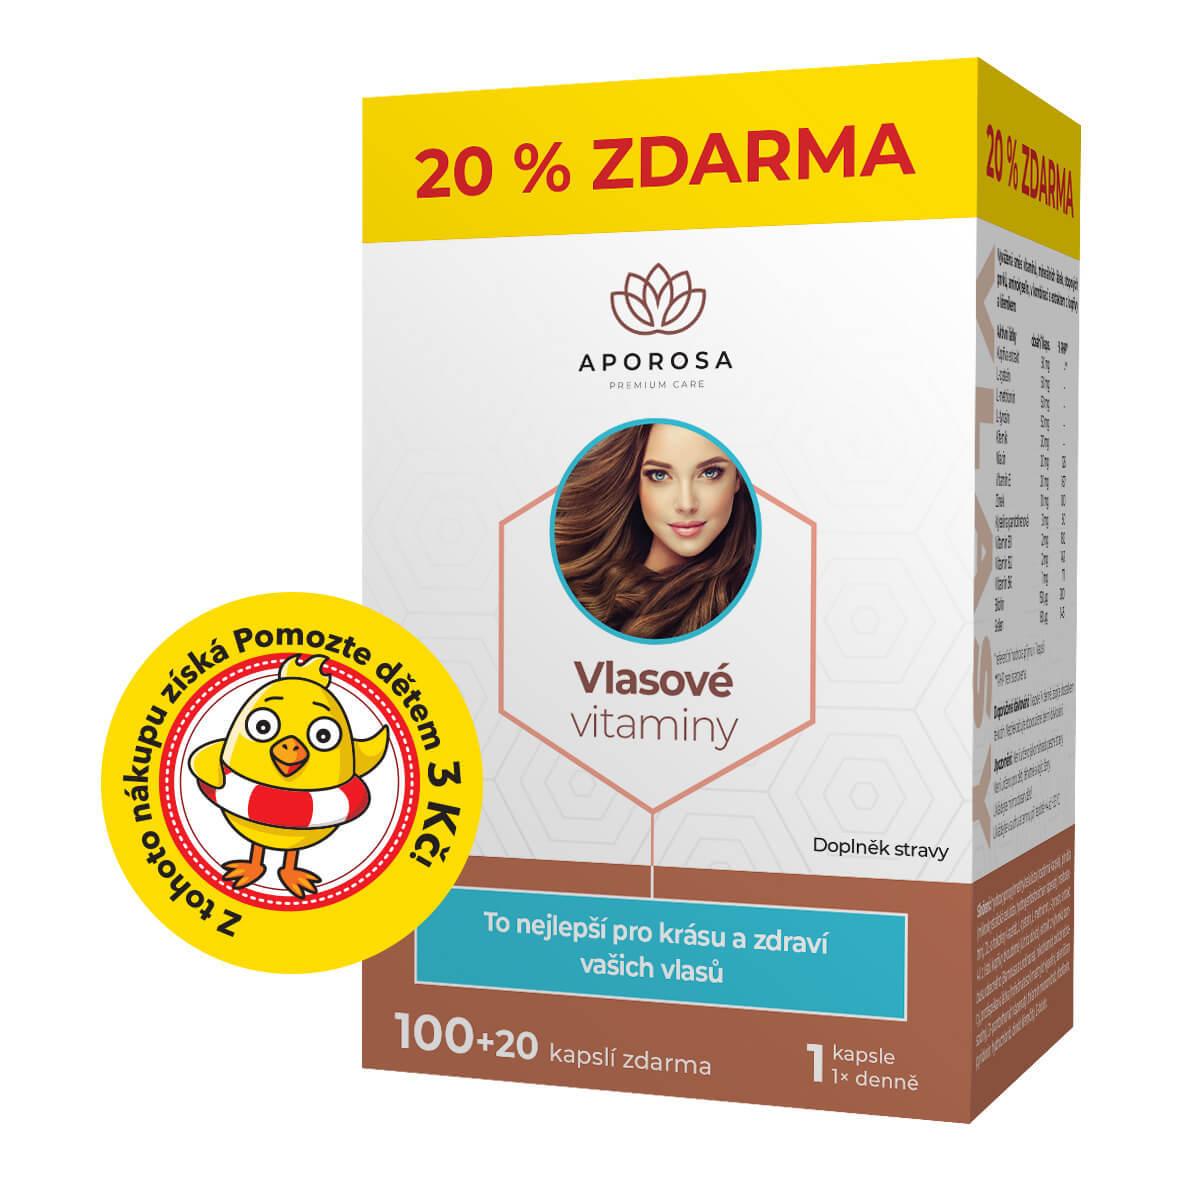 APOROSA premium Vlasové vitaminy 120 kapslí